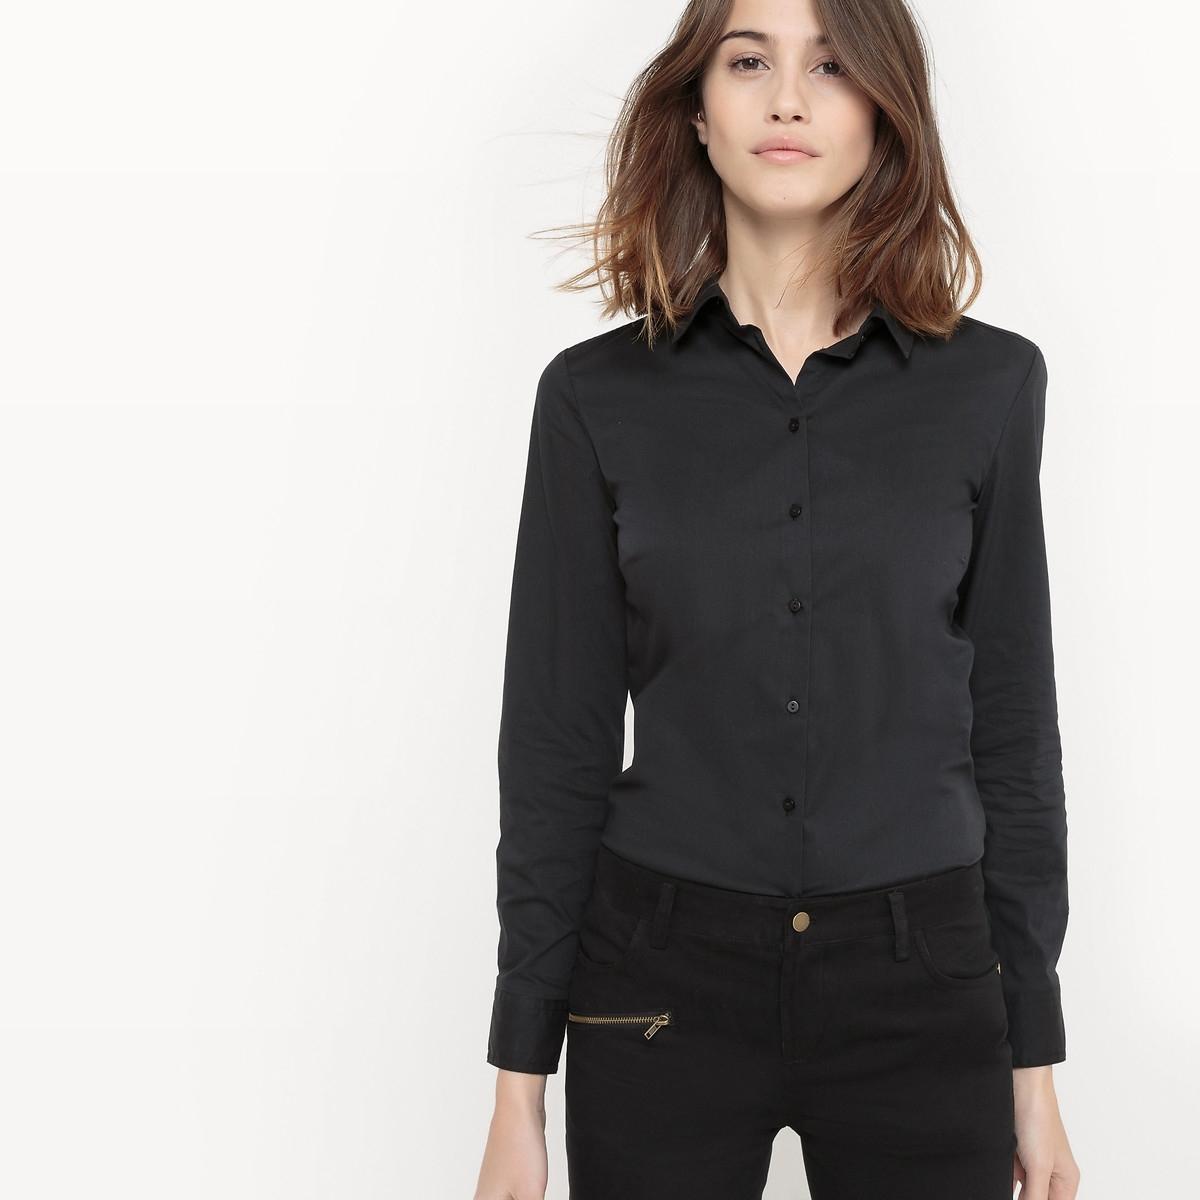 Рубашка LaRedoute Однотонная с длинными рукавами рубашечный воротник 34 (FR) - 40 (RUS) черный платье la redoute прямое с рукавами 34 fr 40 rus черный